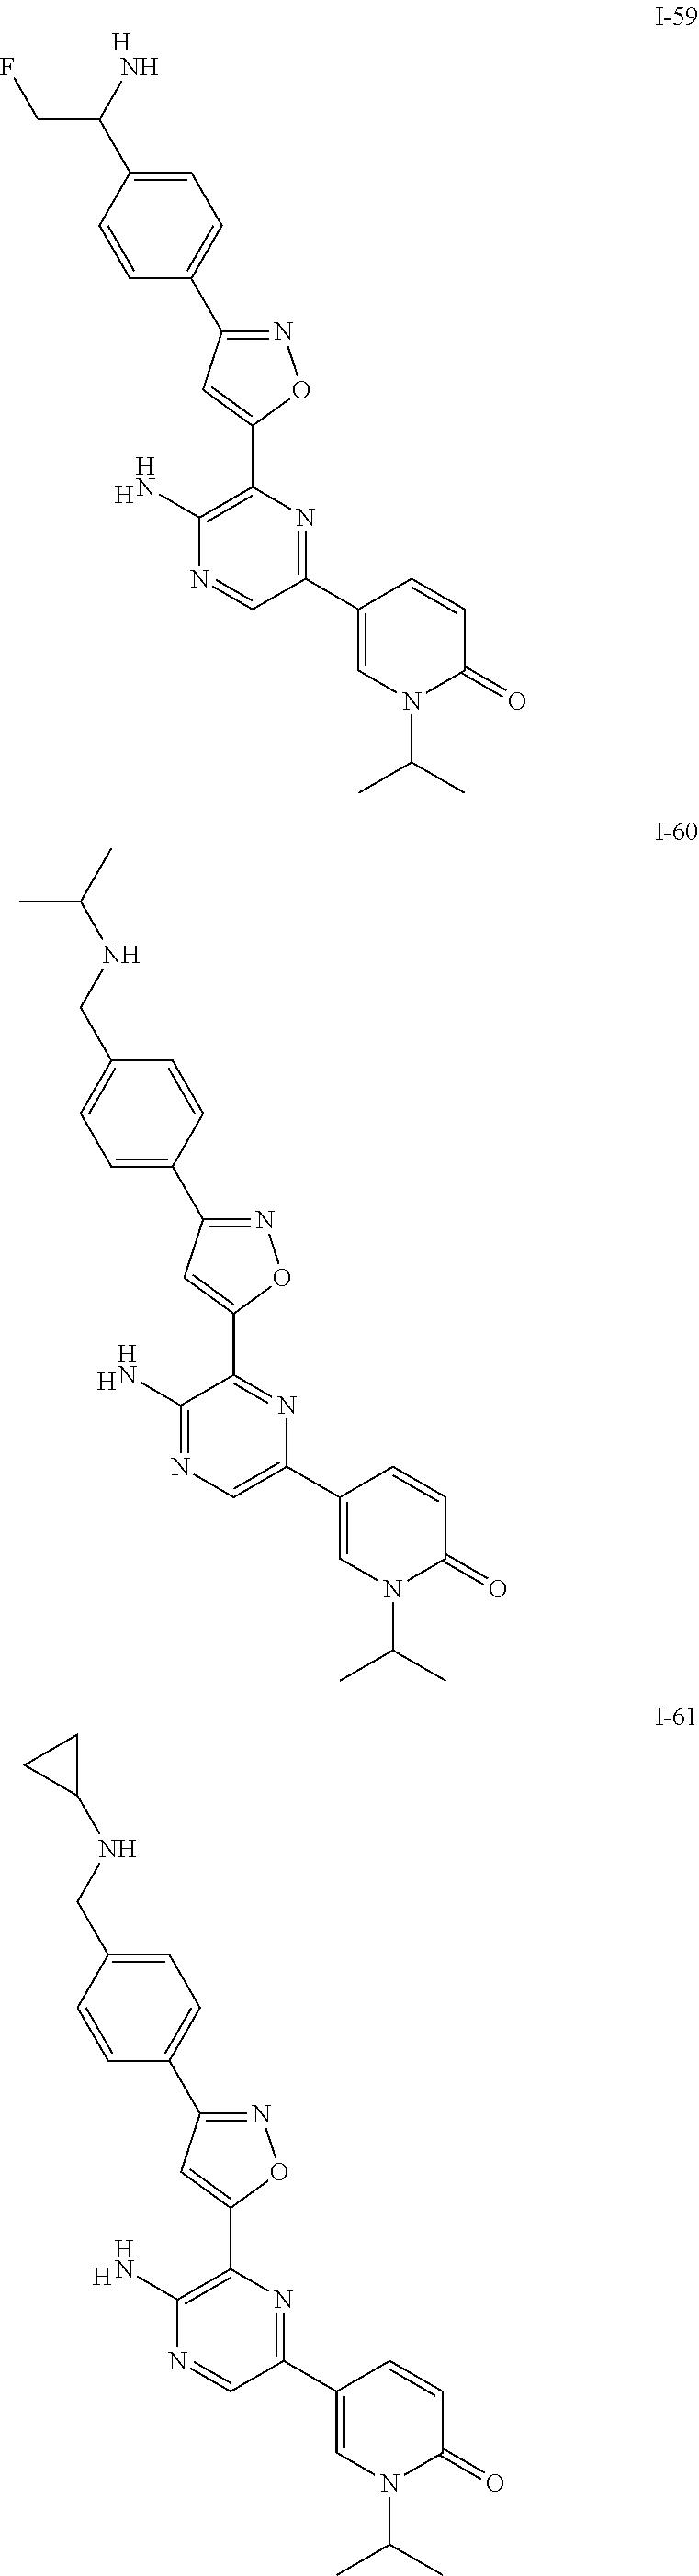 Figure US09630956-20170425-C00237